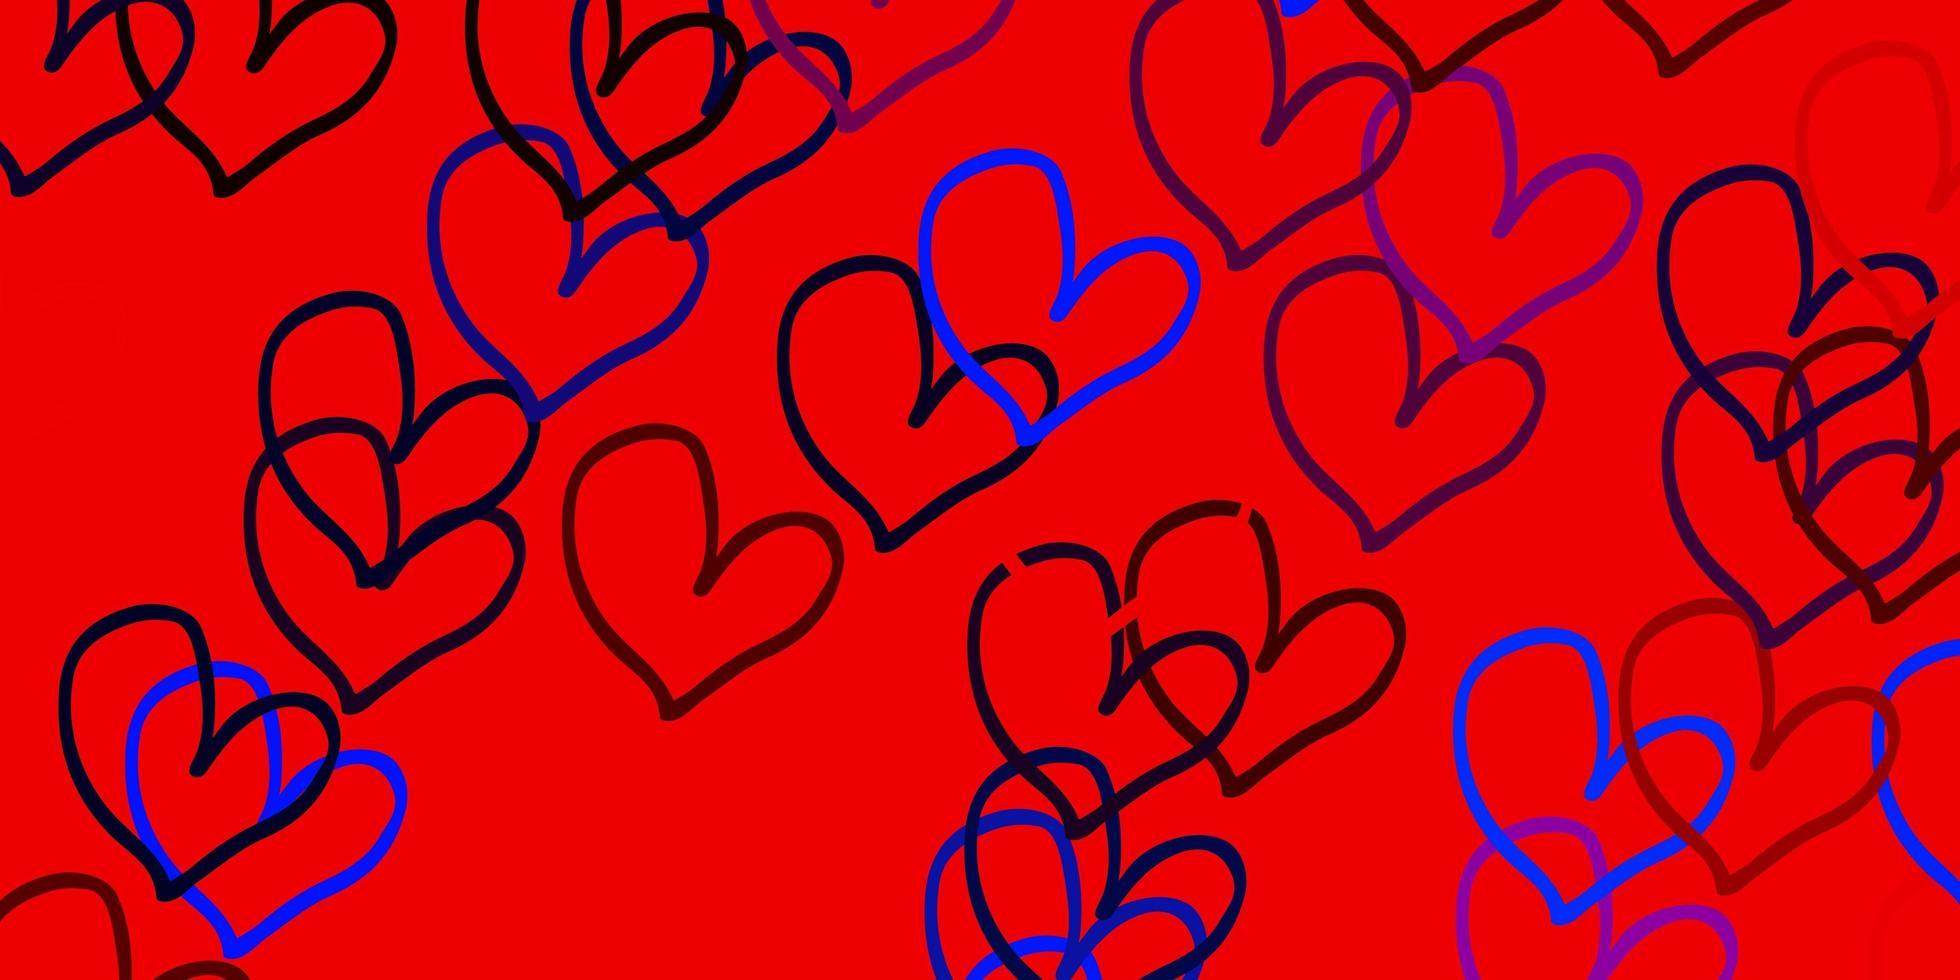 modèle vectoriel bleu clair, rouge avec des coeurs colorés.